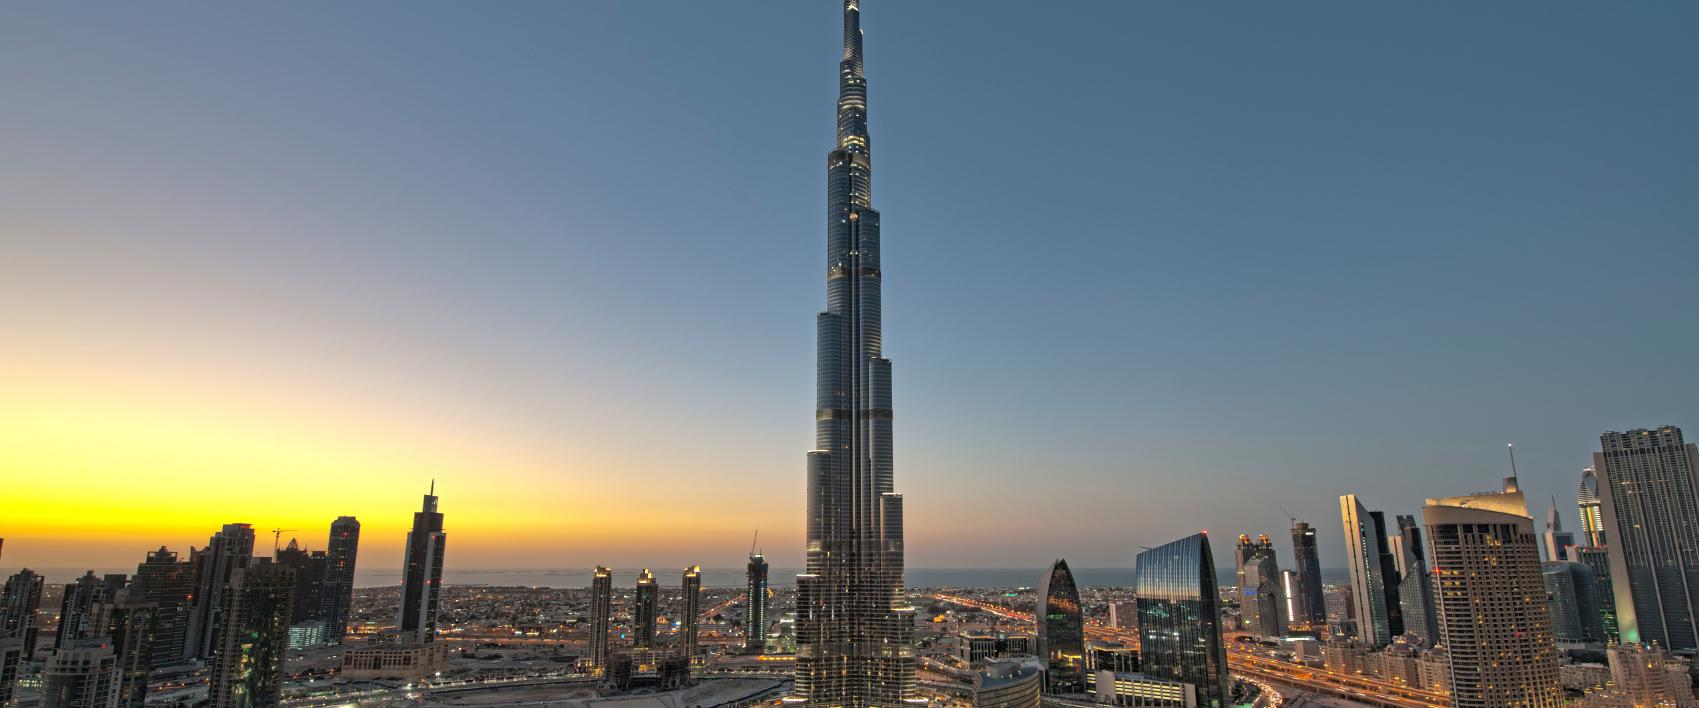 Burj khalifa tower dubai photos